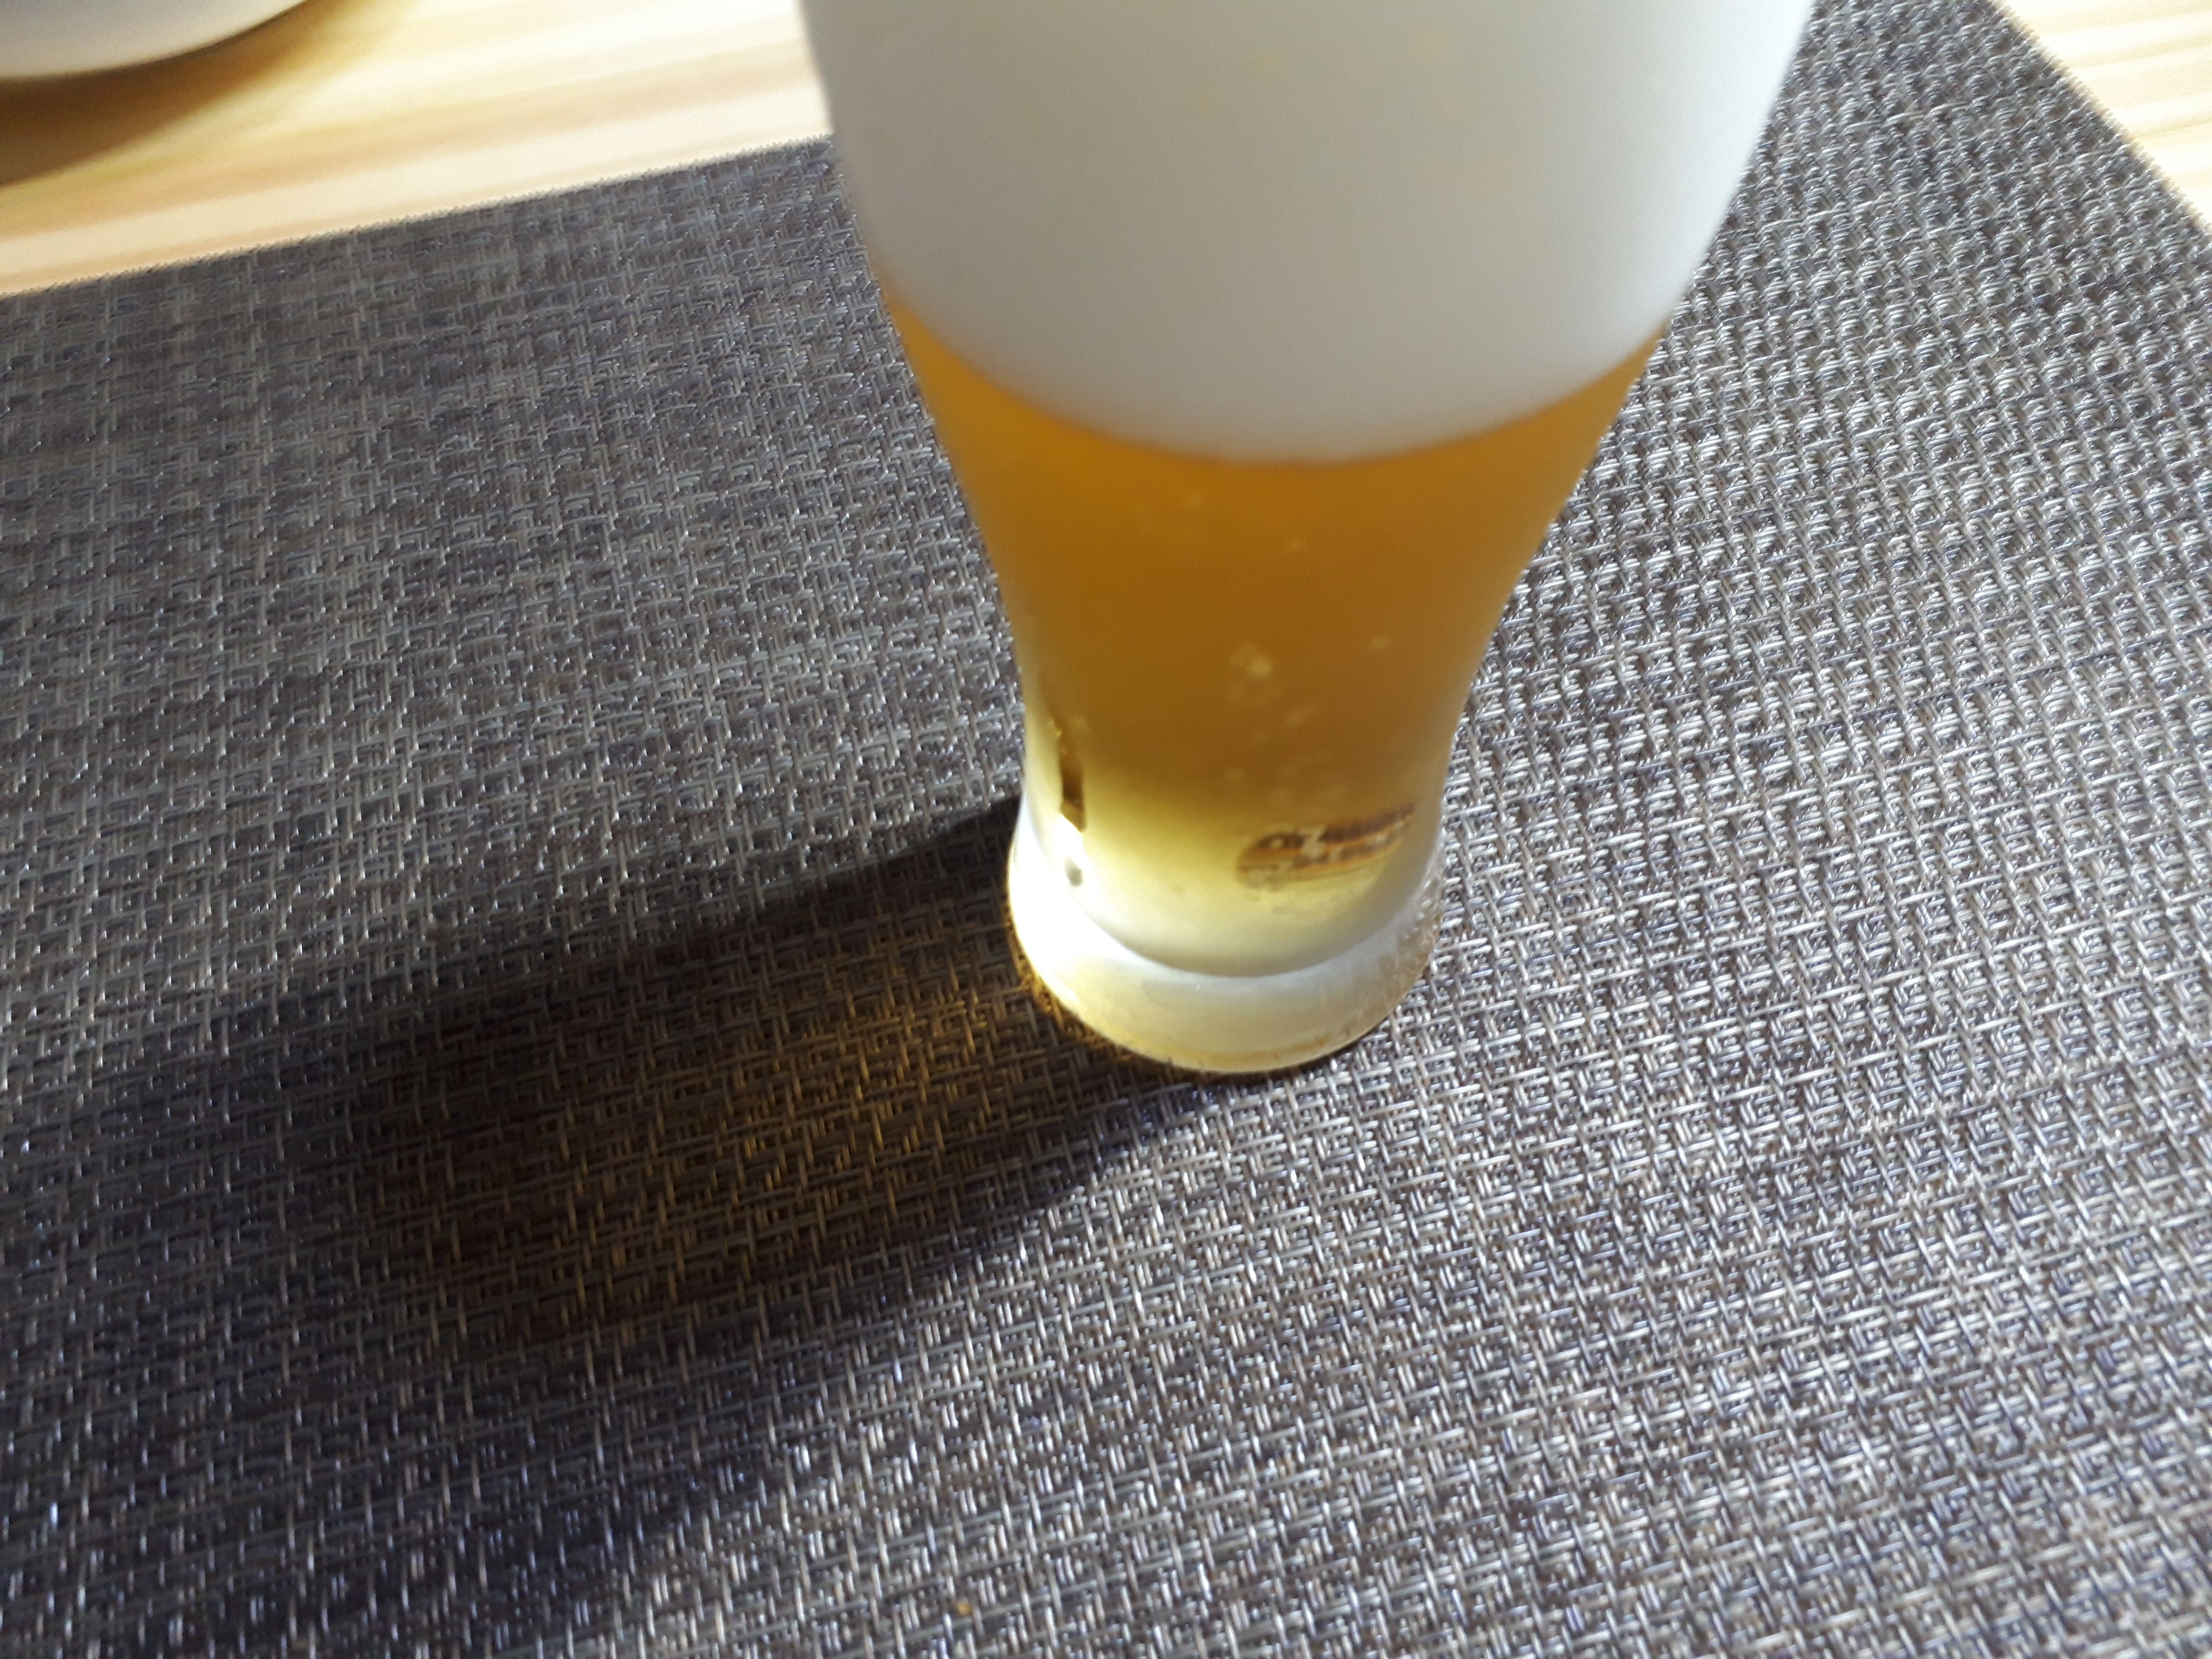 「キリン・ザ・ホップ 香りの余韻」を飲むところ(オリジナル写真)